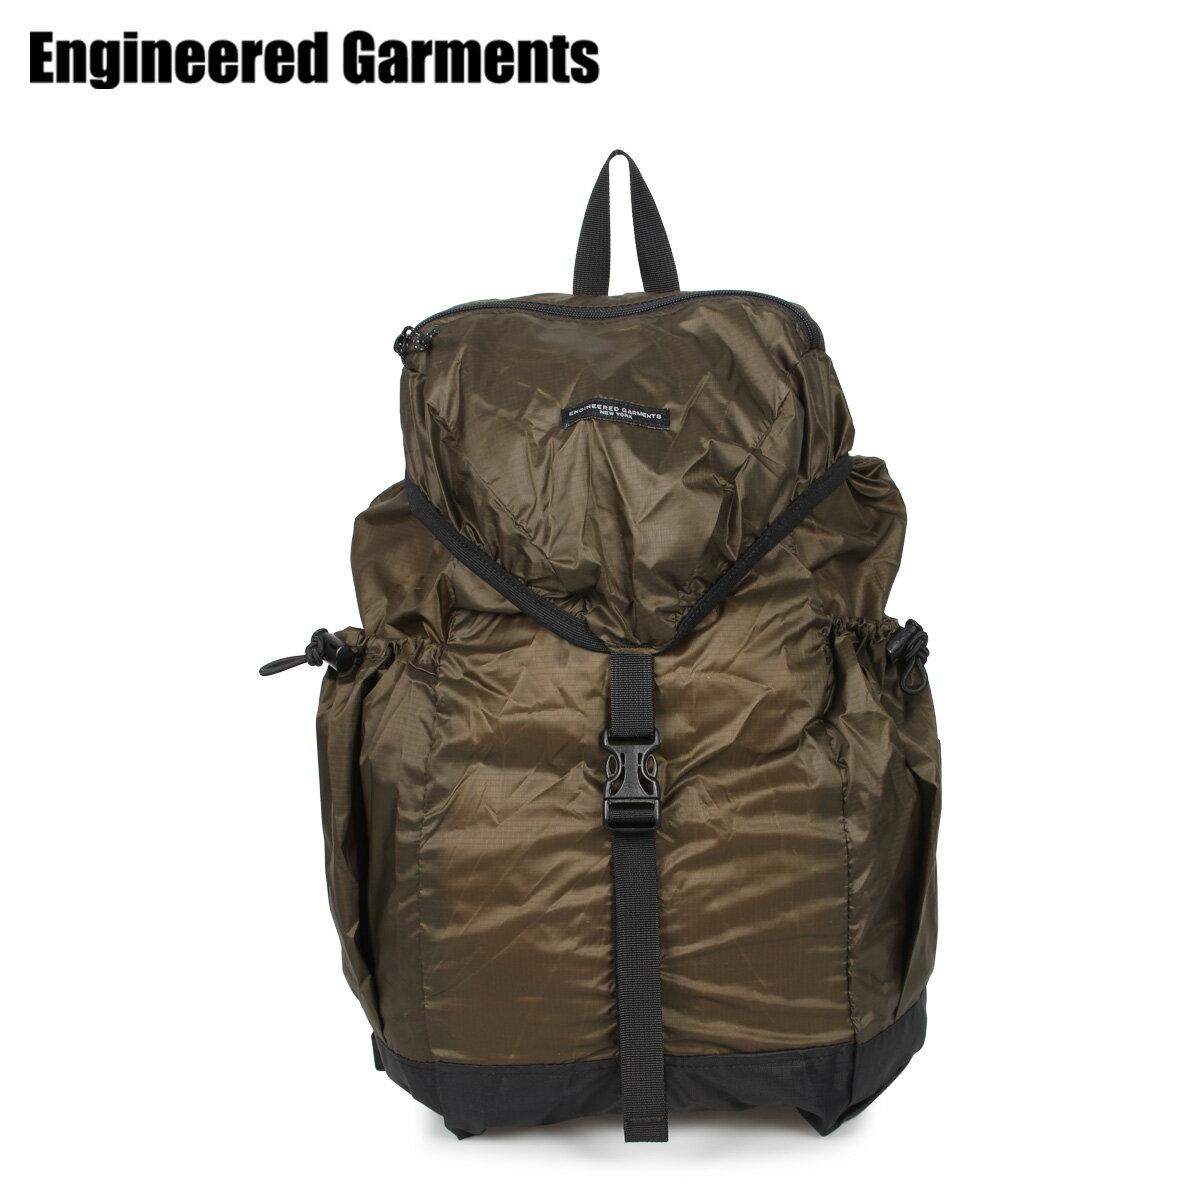 男女兼用バッグ, バックパック・リュック 2000OFF ENGINEERED GARMENTS UL BACKPACK 20S1H020